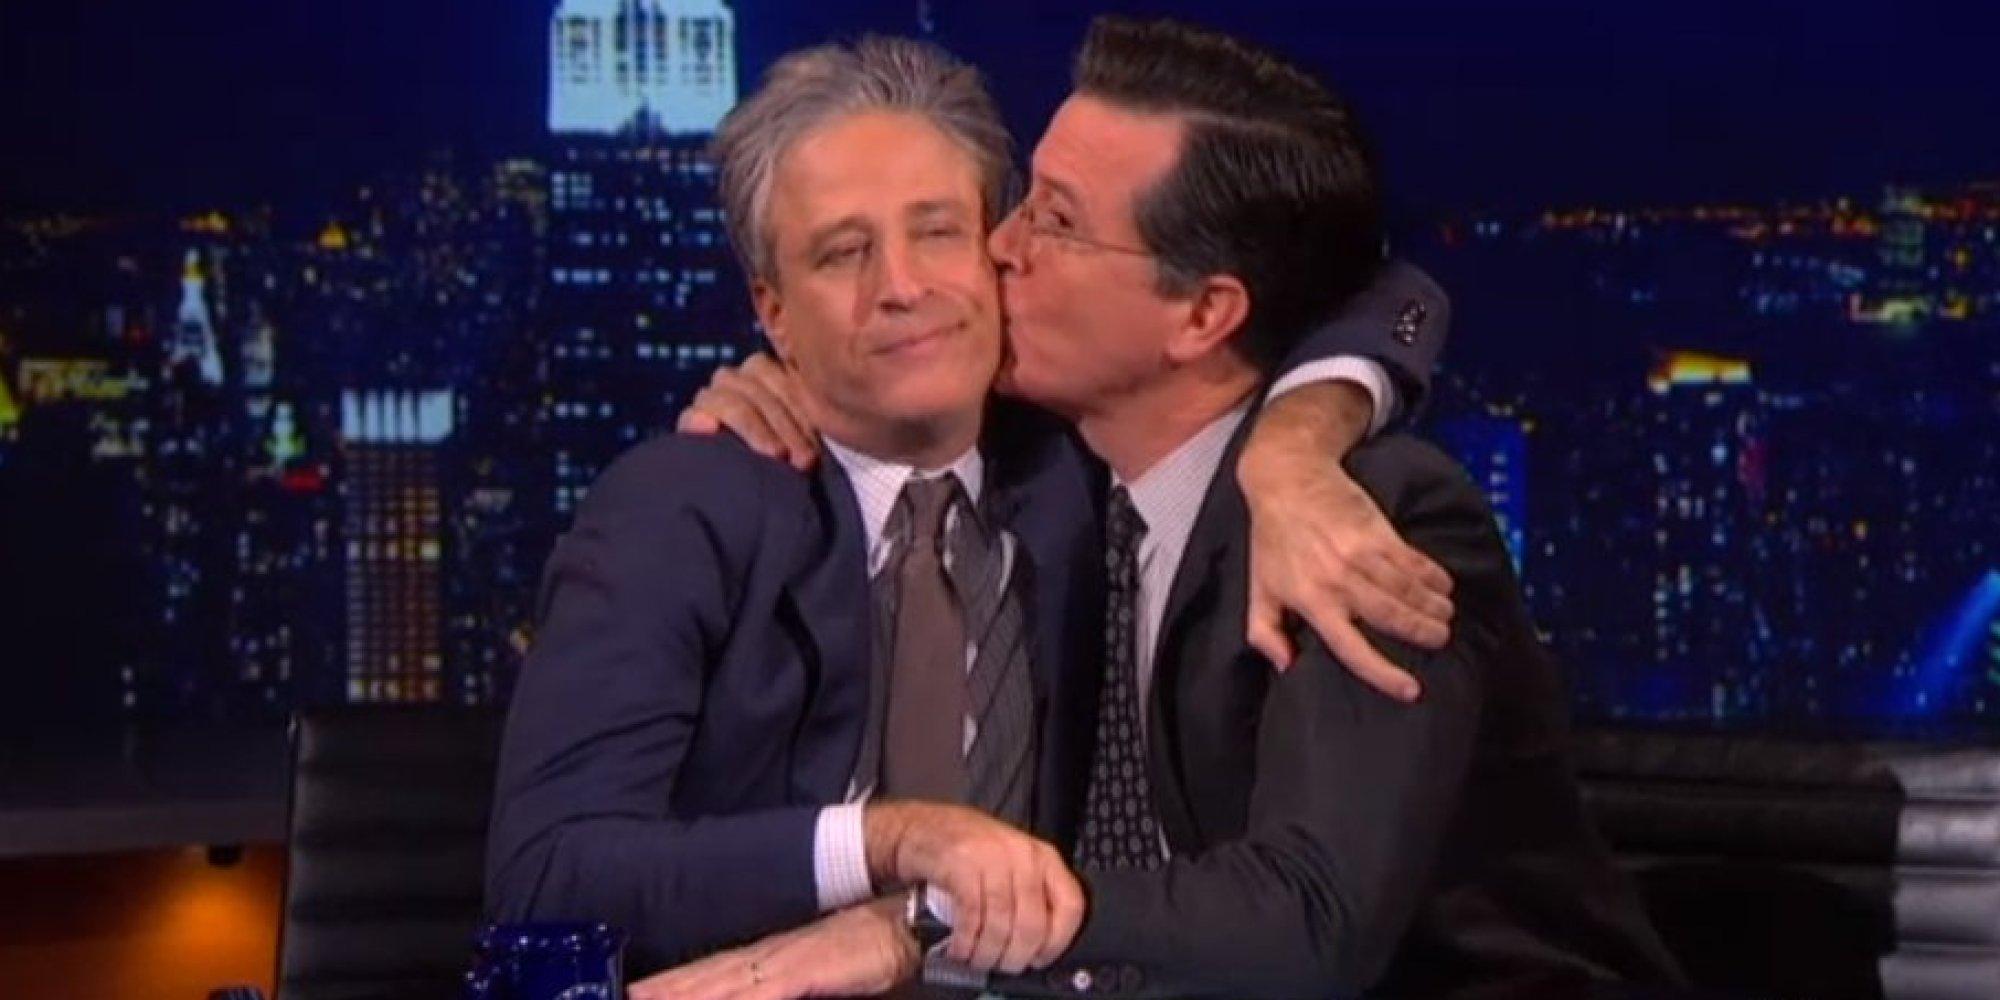 Stephen Colbert Calls Jon Stewart A Liberal Lion